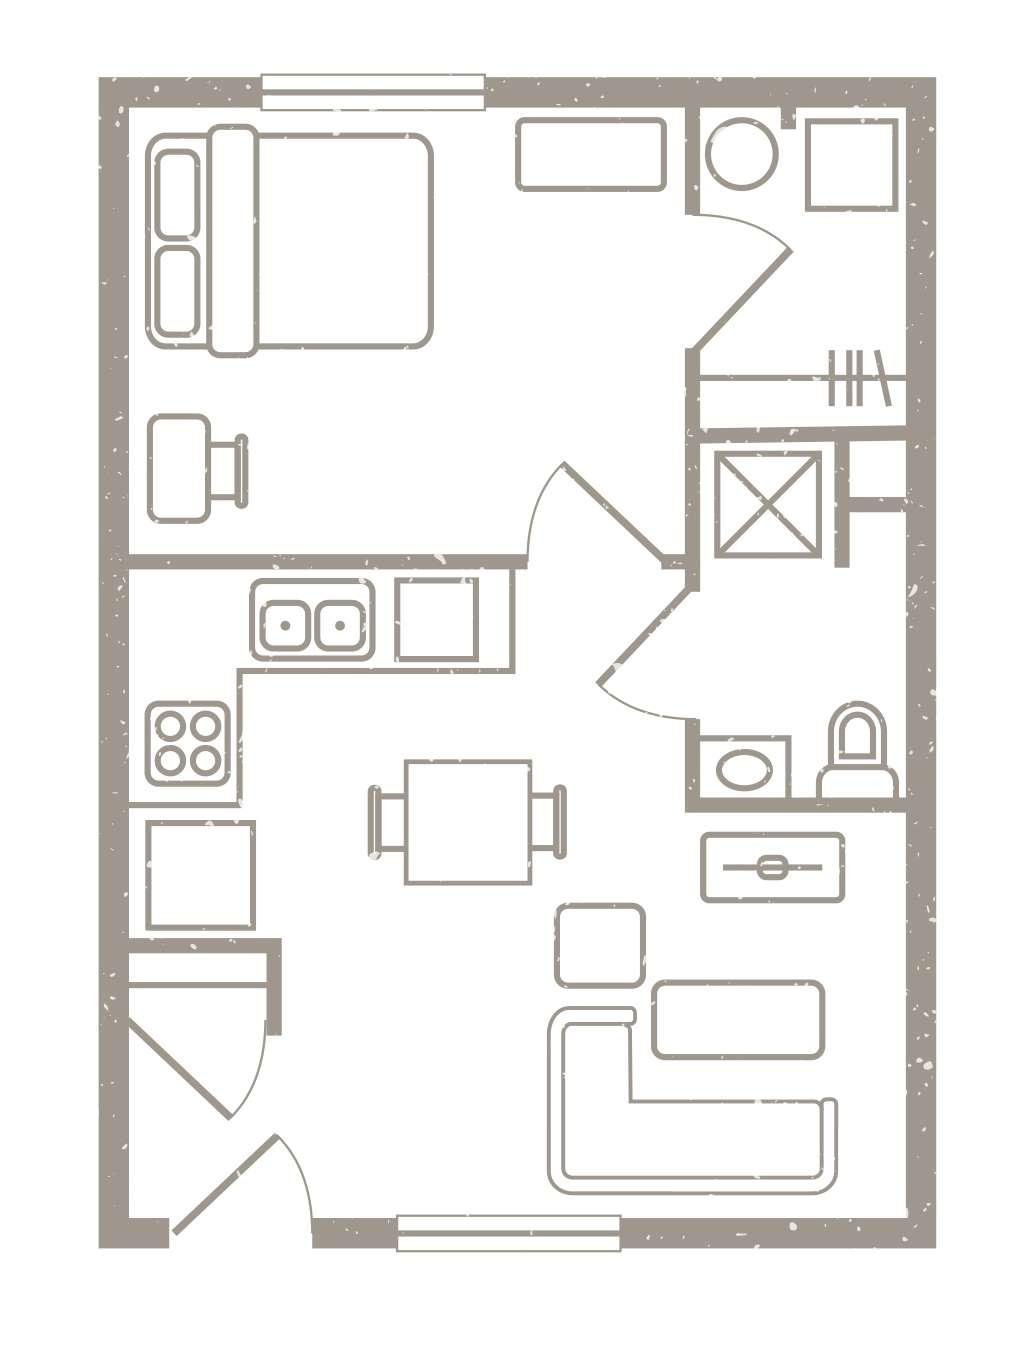 1 Bedroom Floorplan 1